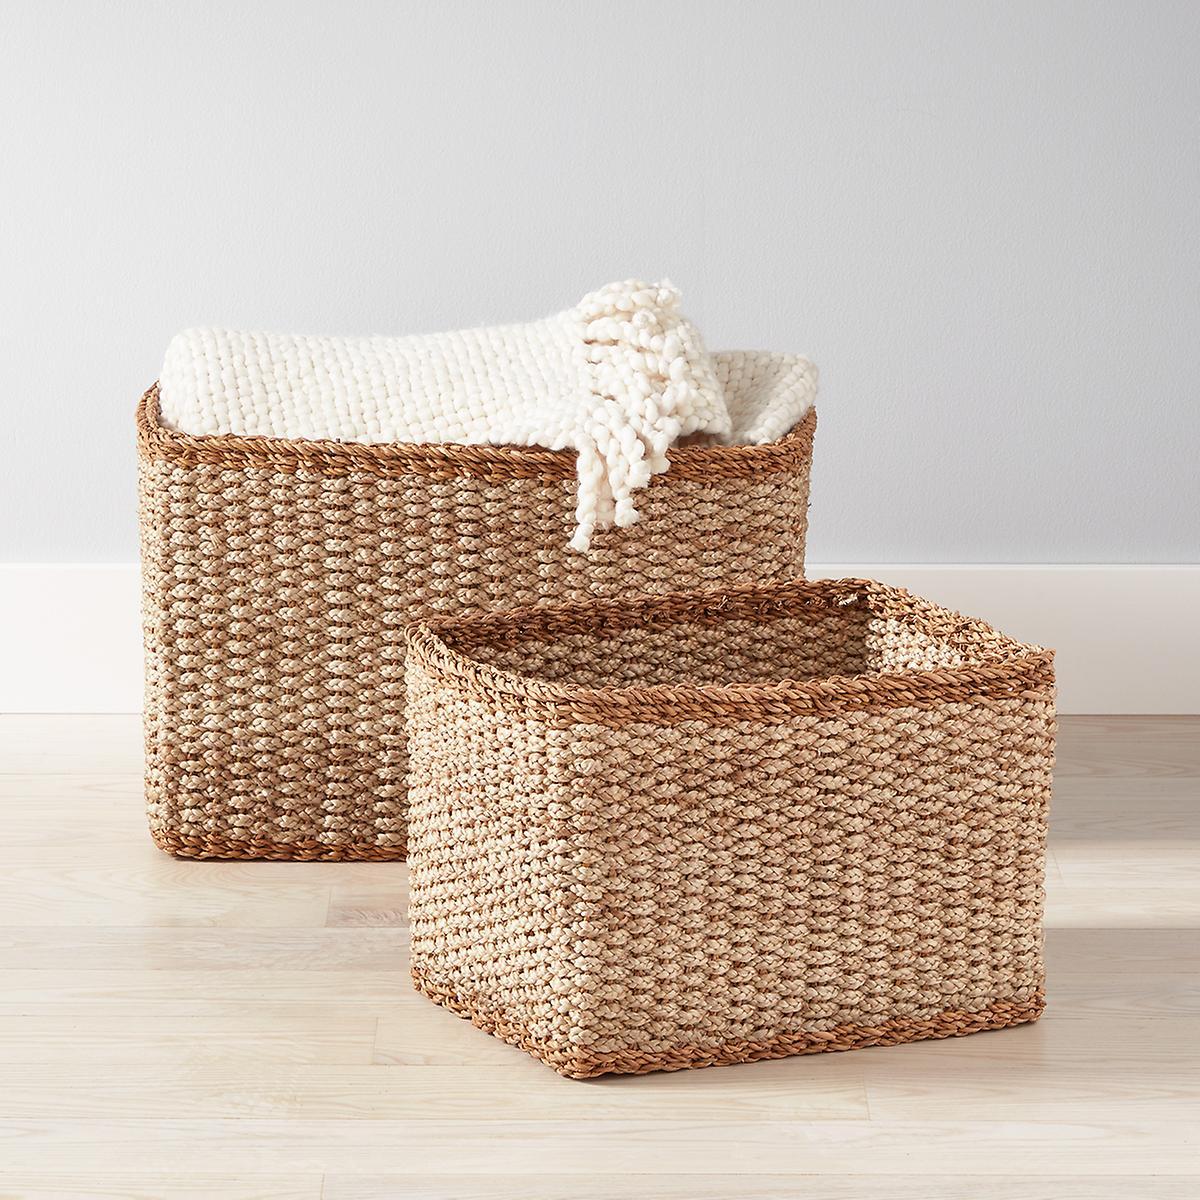 Carmel Baskets